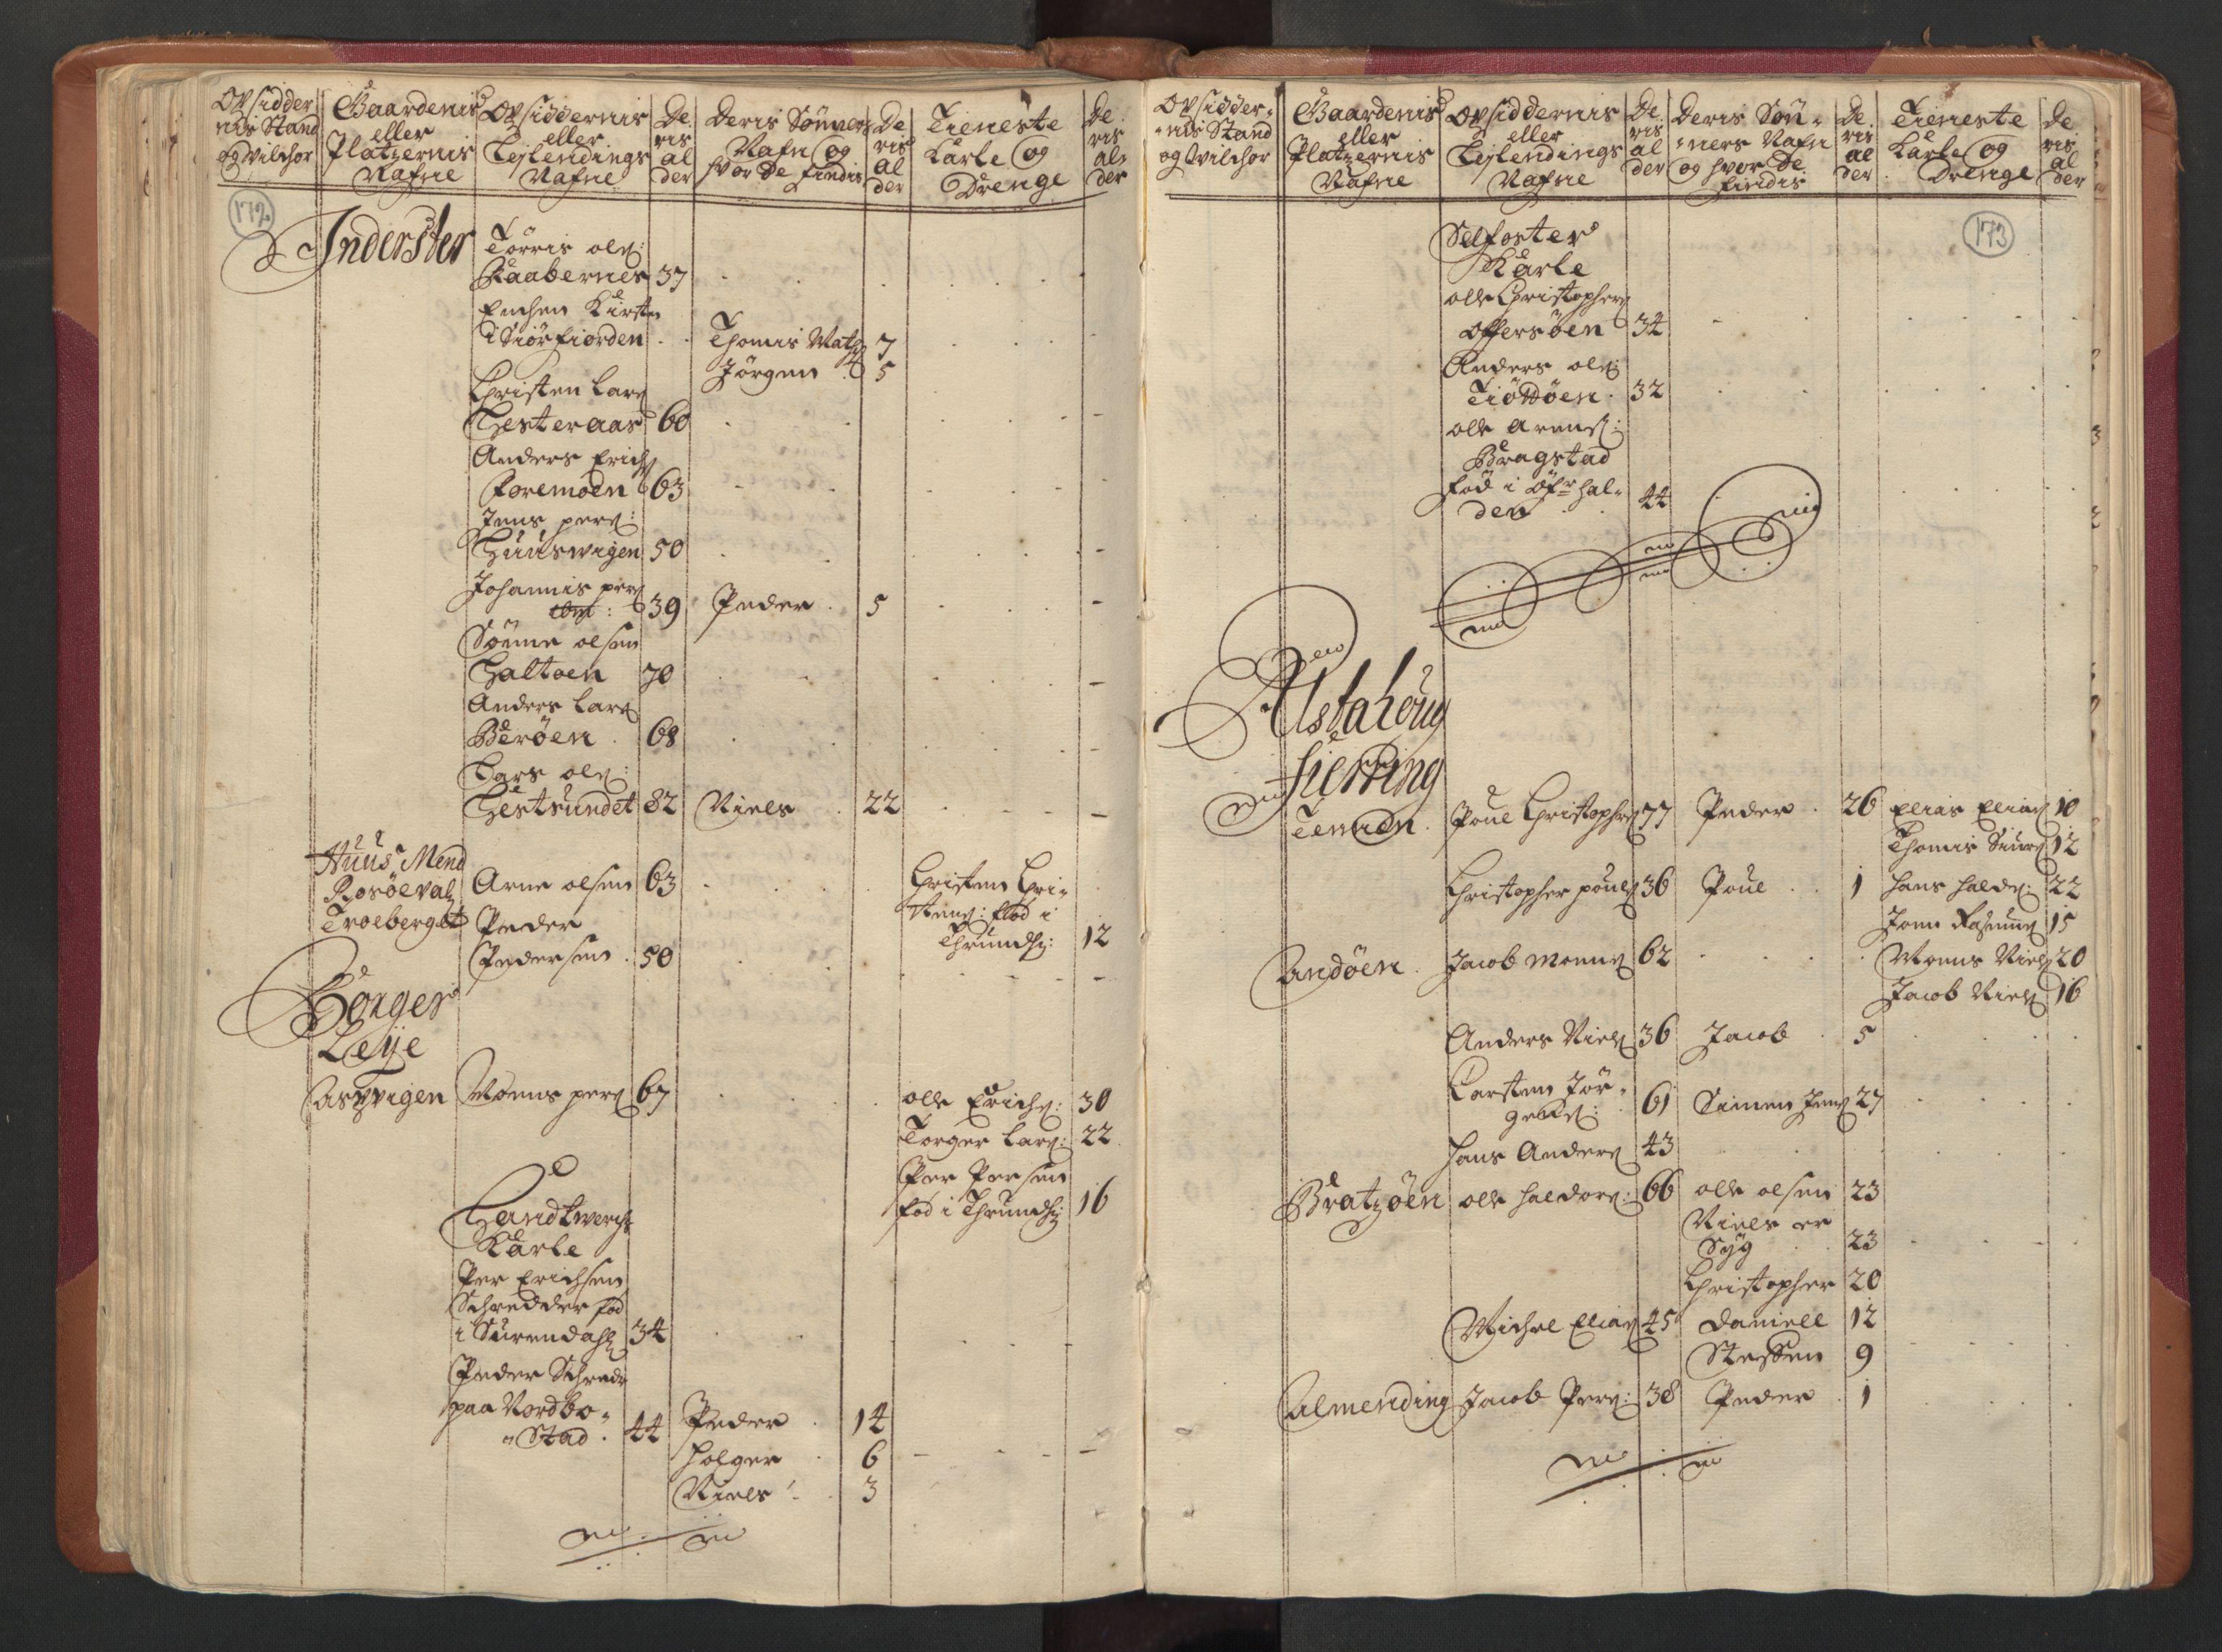 RA, Manntallet 1701, nr. 16: Helgeland fogderi, 1701, s. 172-173